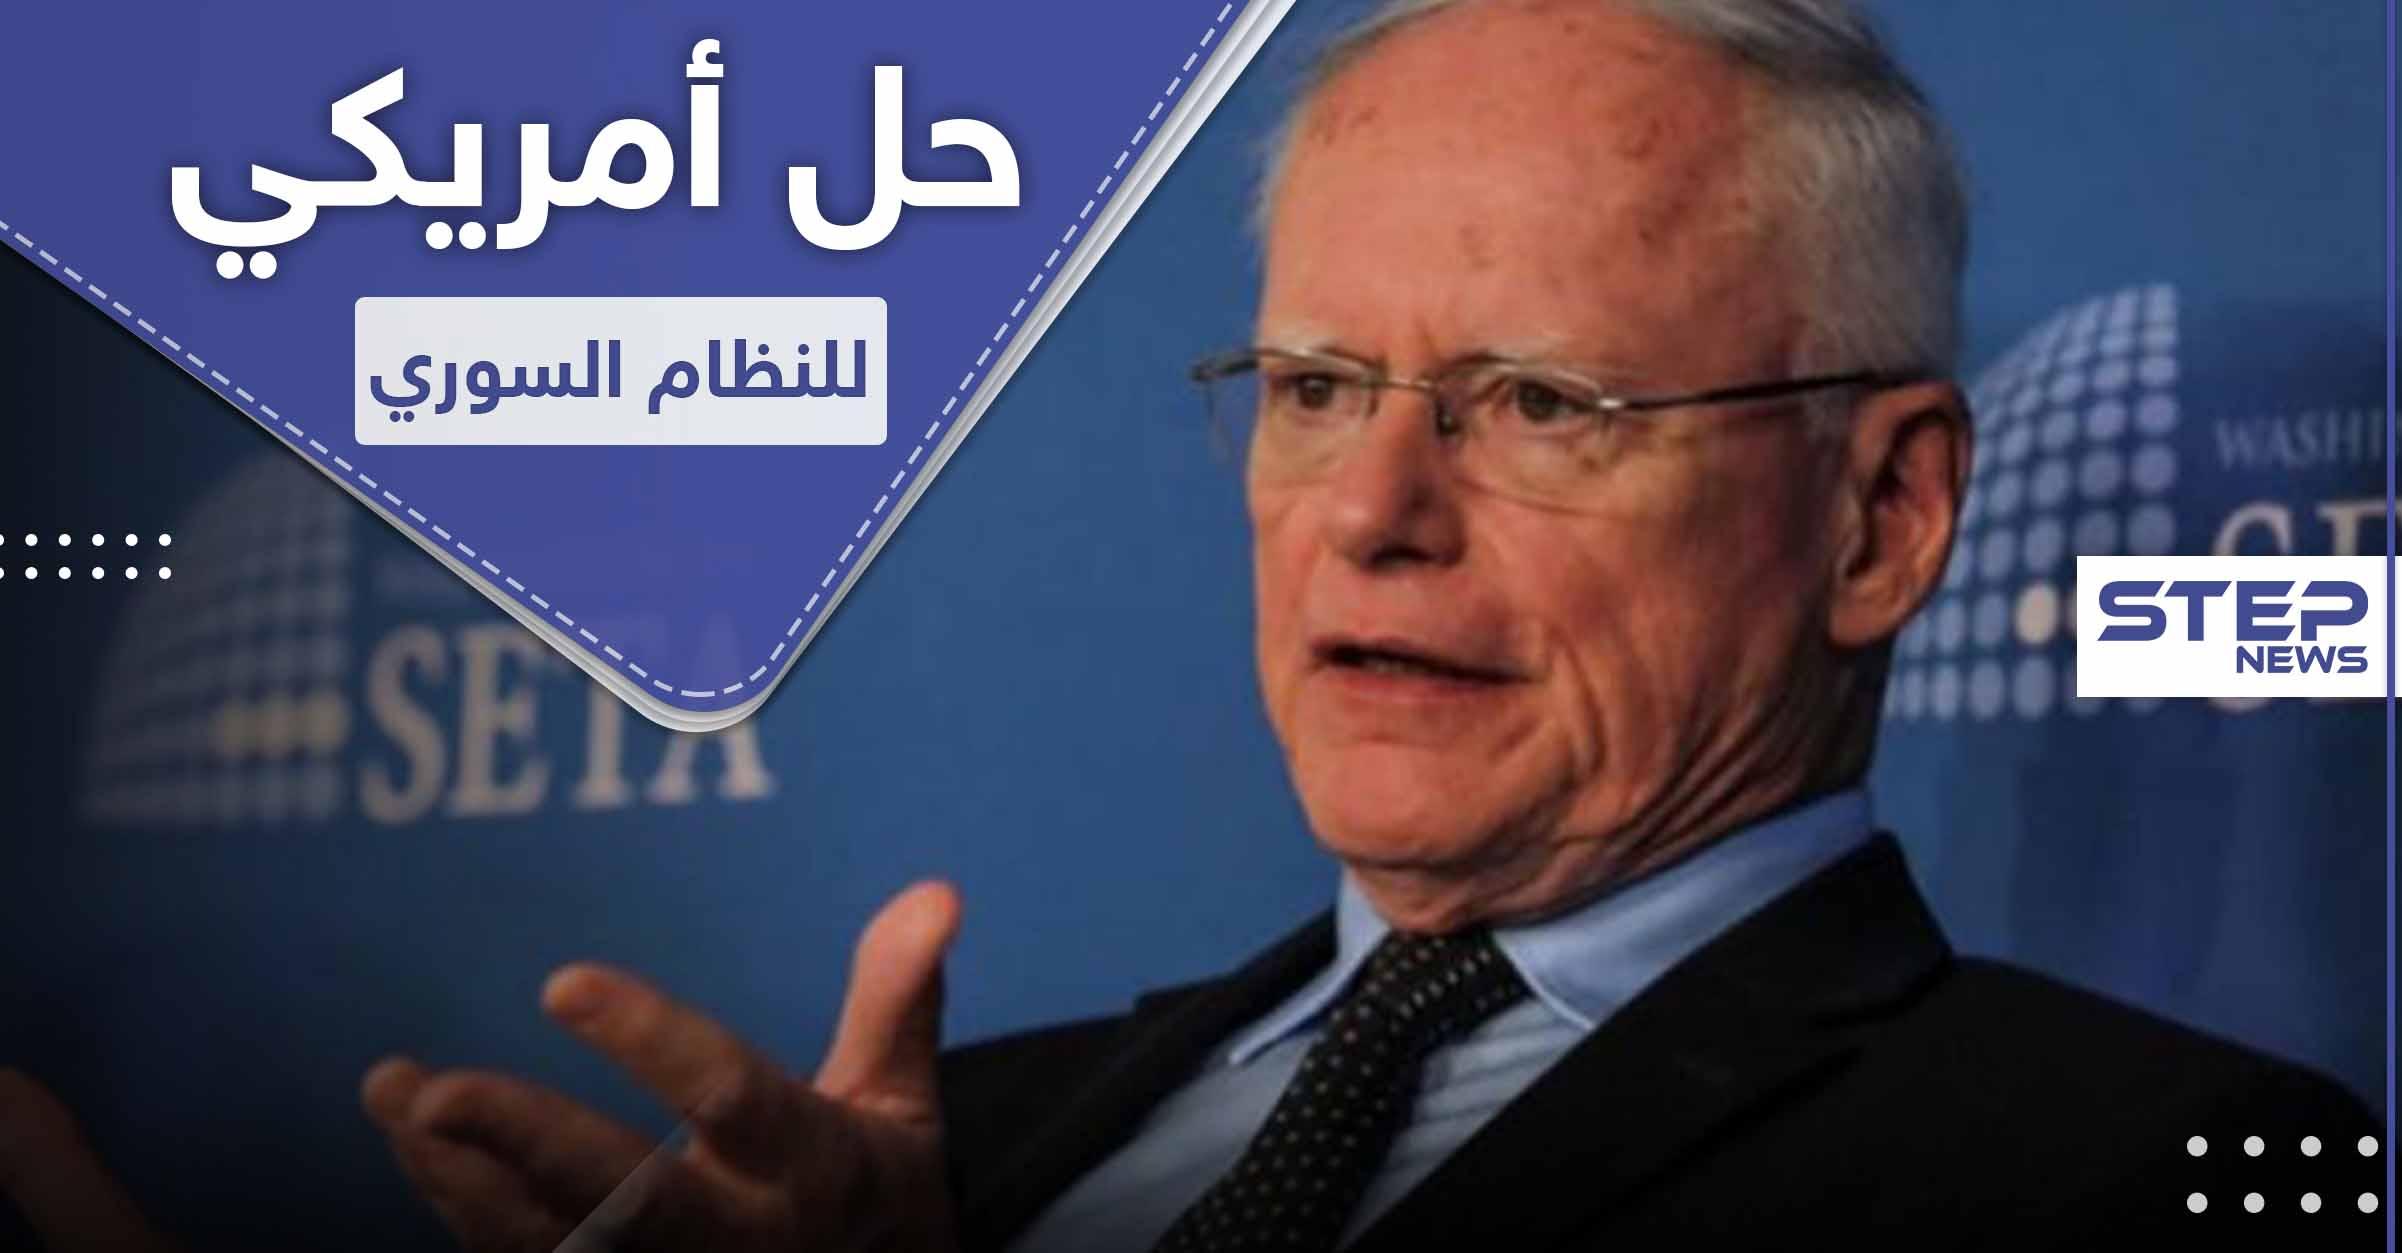 مقابل شرط واحد.. أمريكا تقدم عرضاً للأسد لإنقاذ نظامه قبل انهيار الليرة السورية